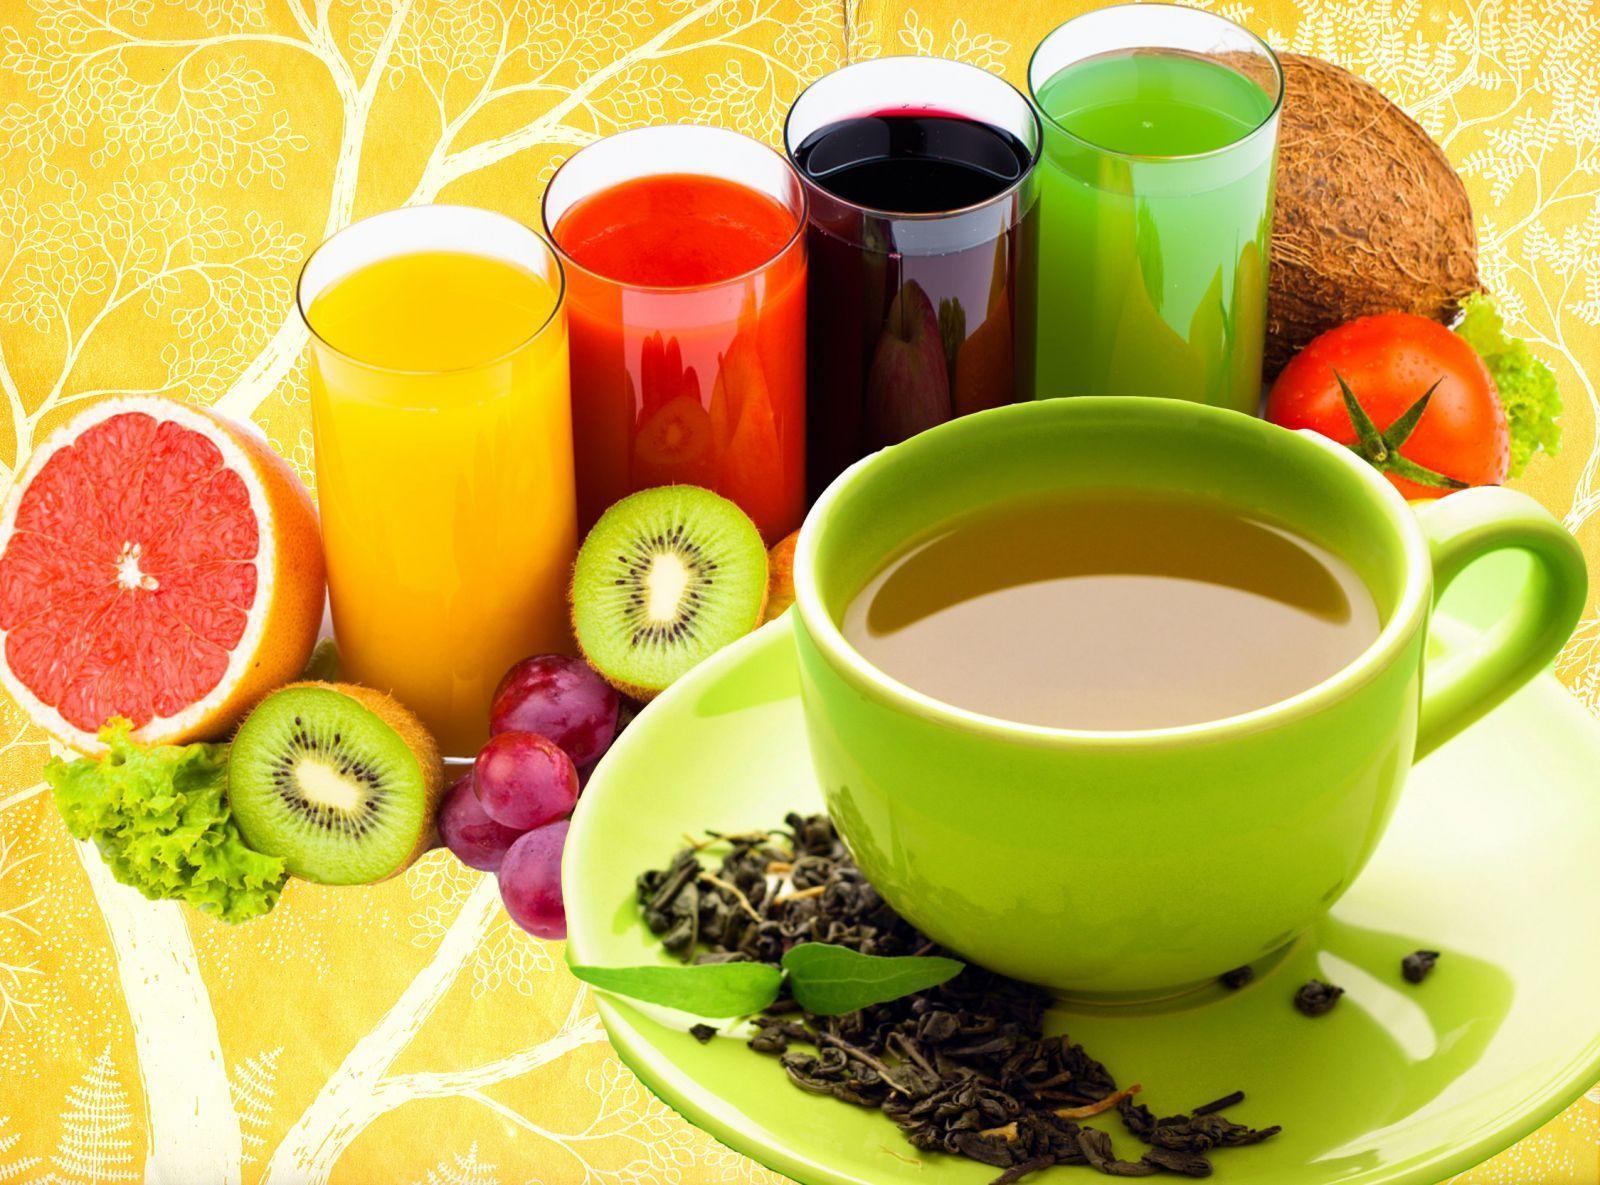 Чай, соки или другие полезные напитки